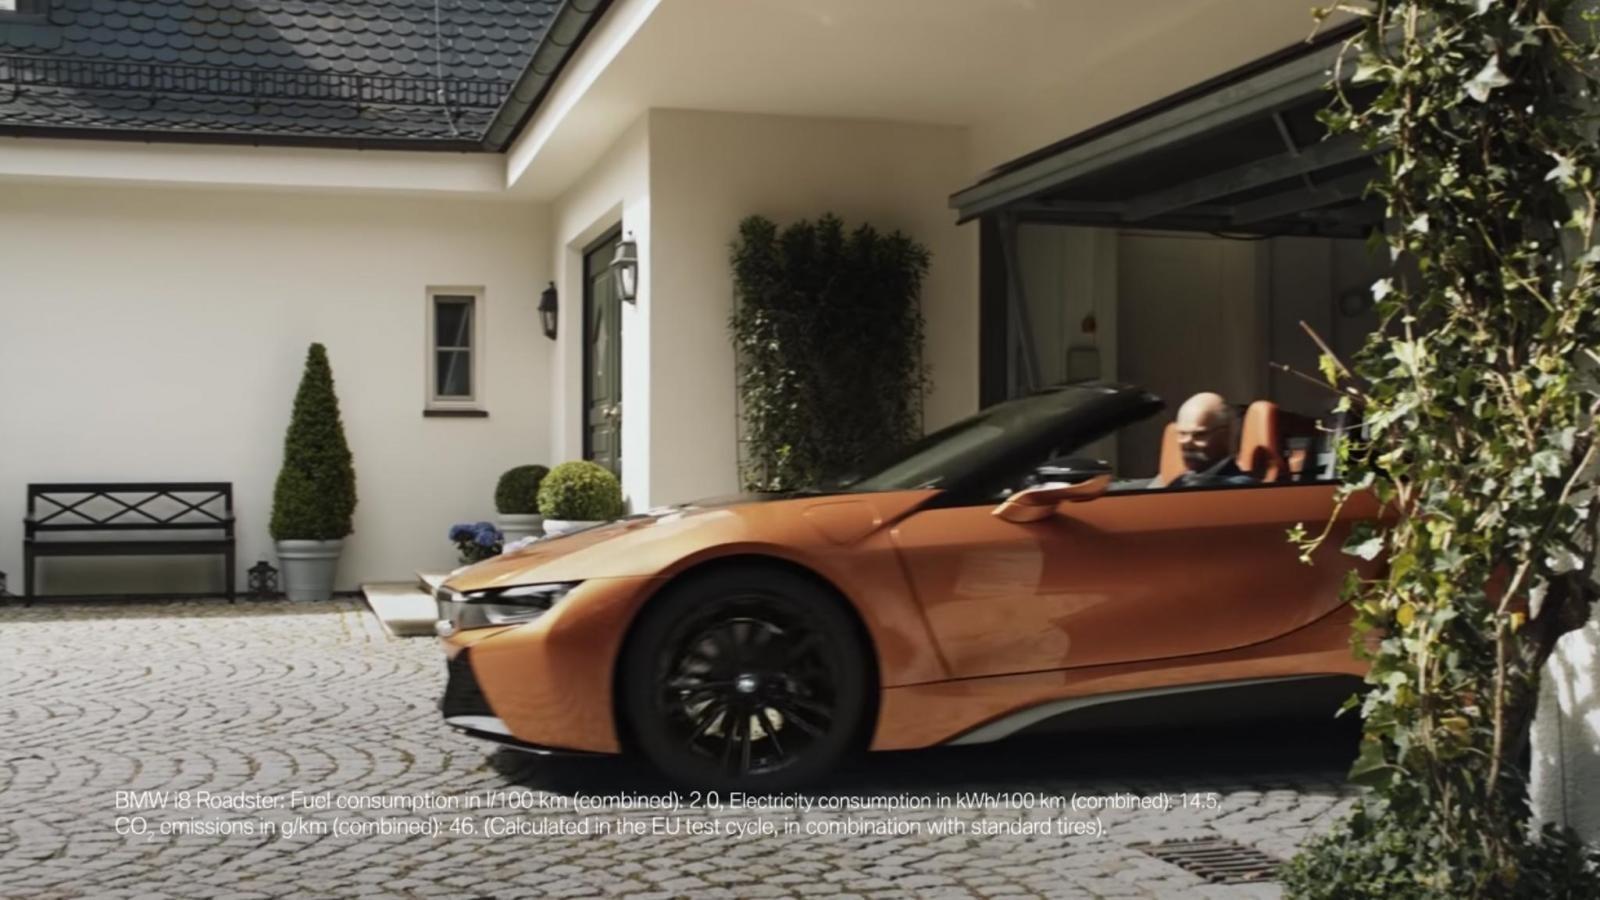 BMW tung video hài về ngày nghỉ hưu của cựu chủ tịch Mercedes-Benz a12